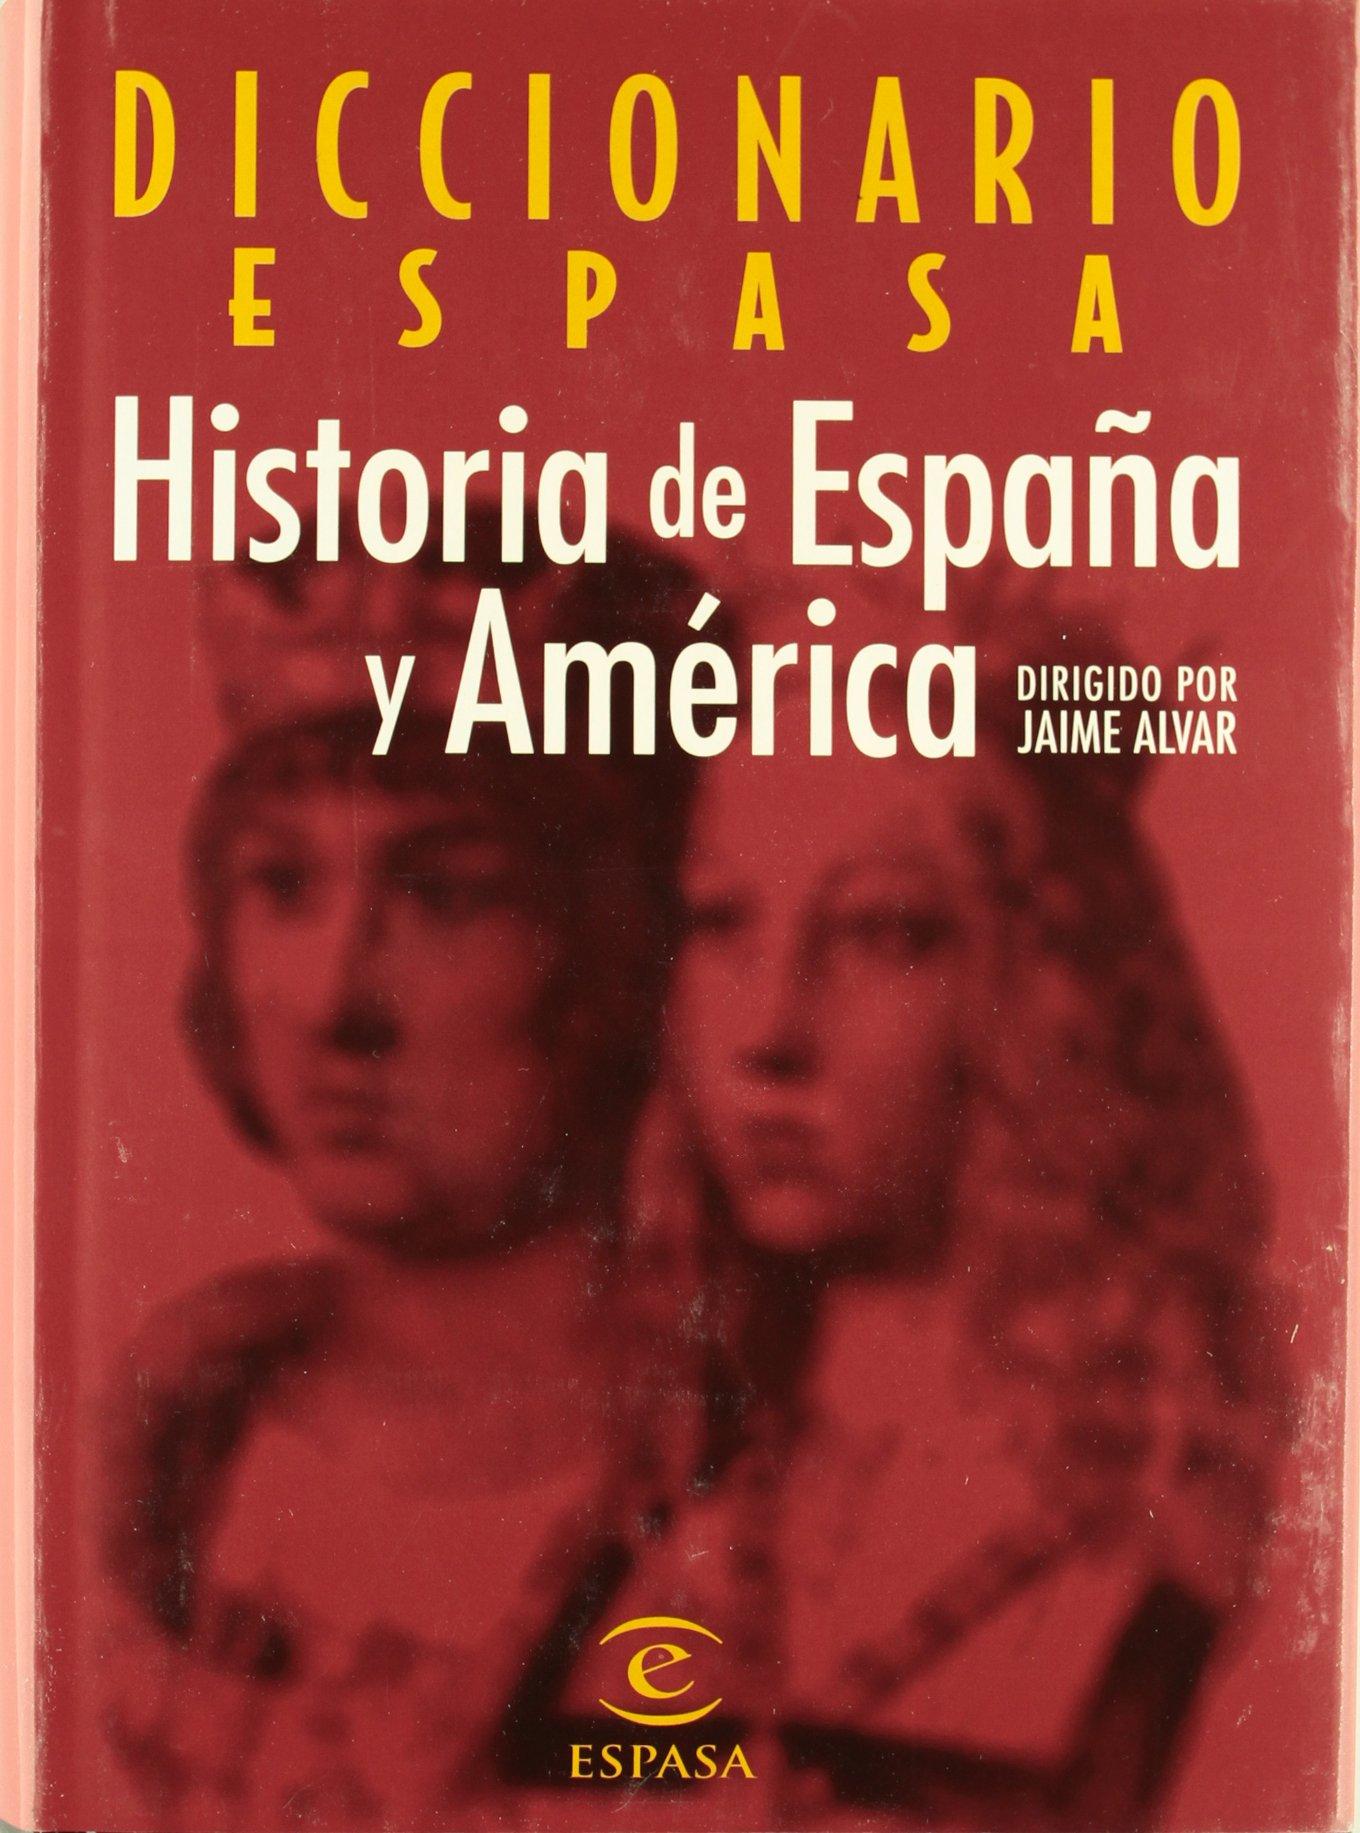 Diccionario Historia De Espana Y America (Spanish Edition) PDF